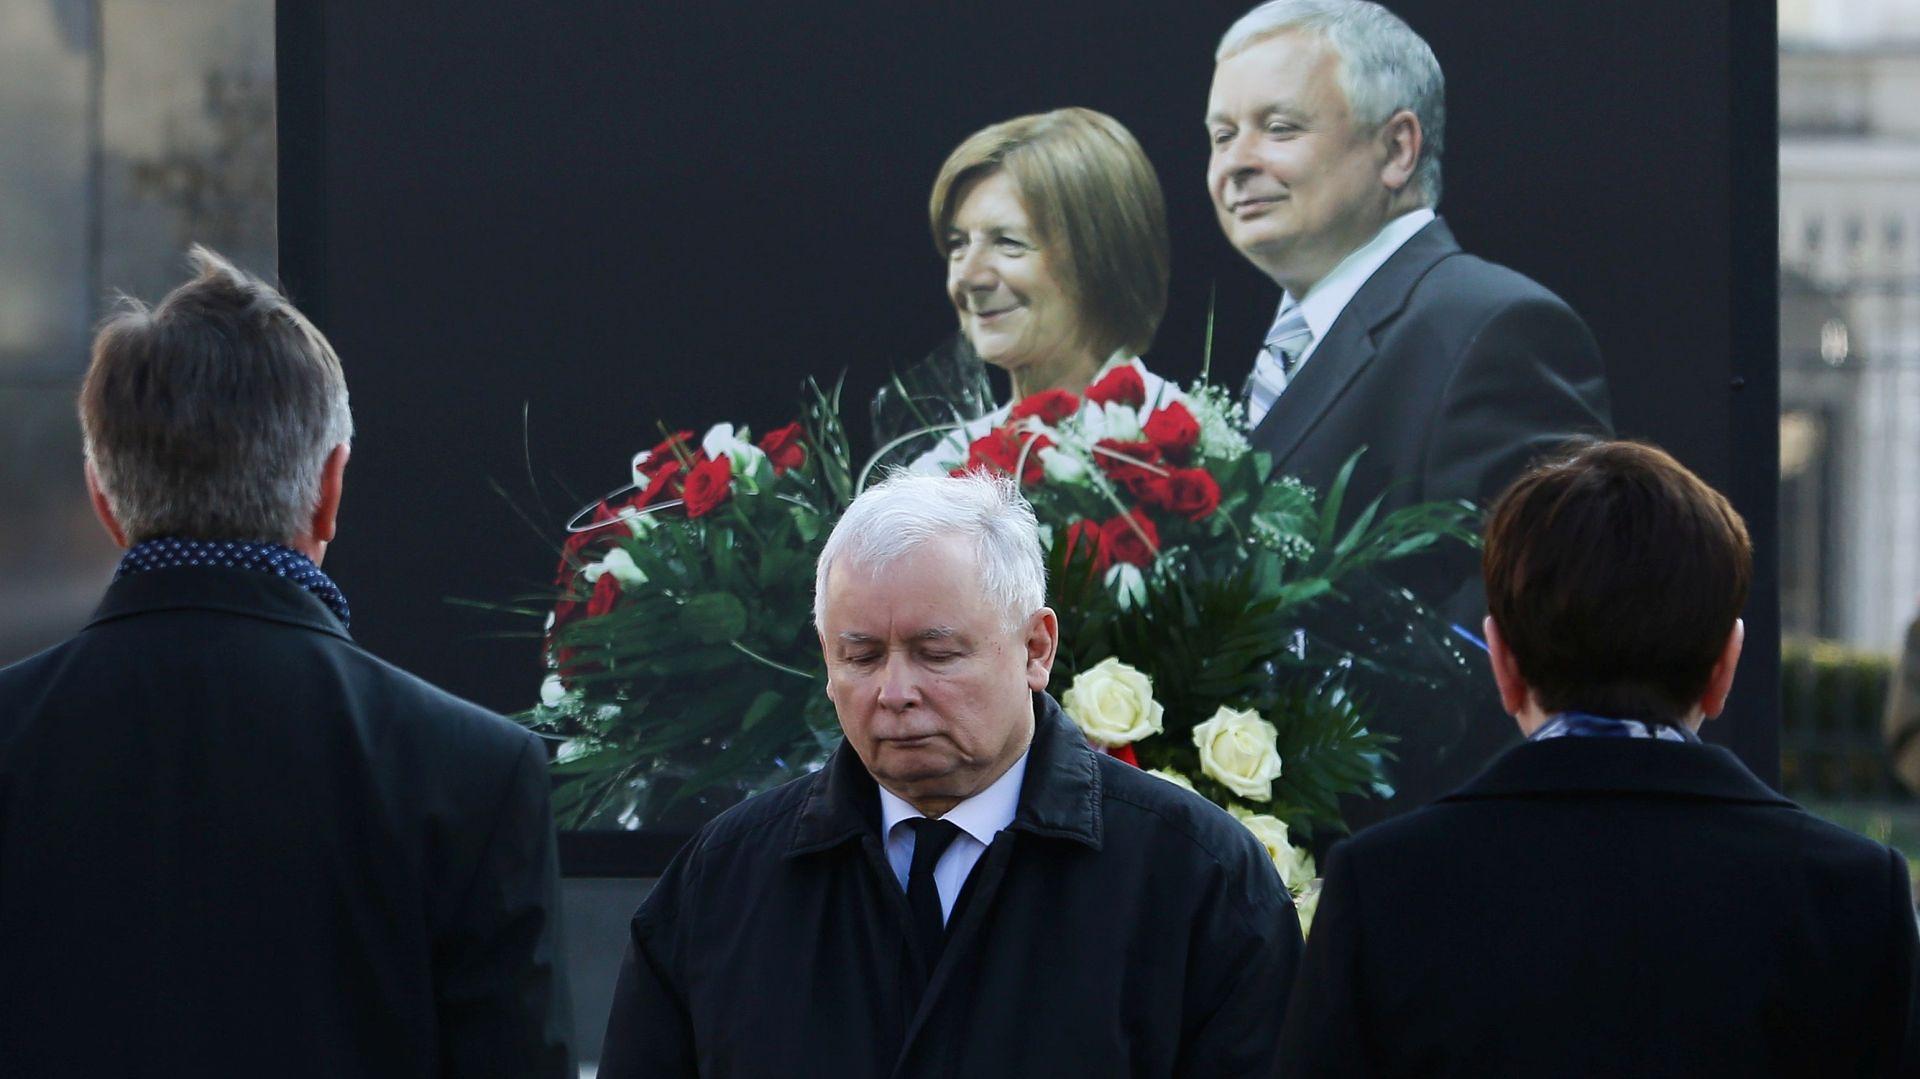 VII rocznica katastrofy smoleńskiej. 10 kwietnia 2017 roku